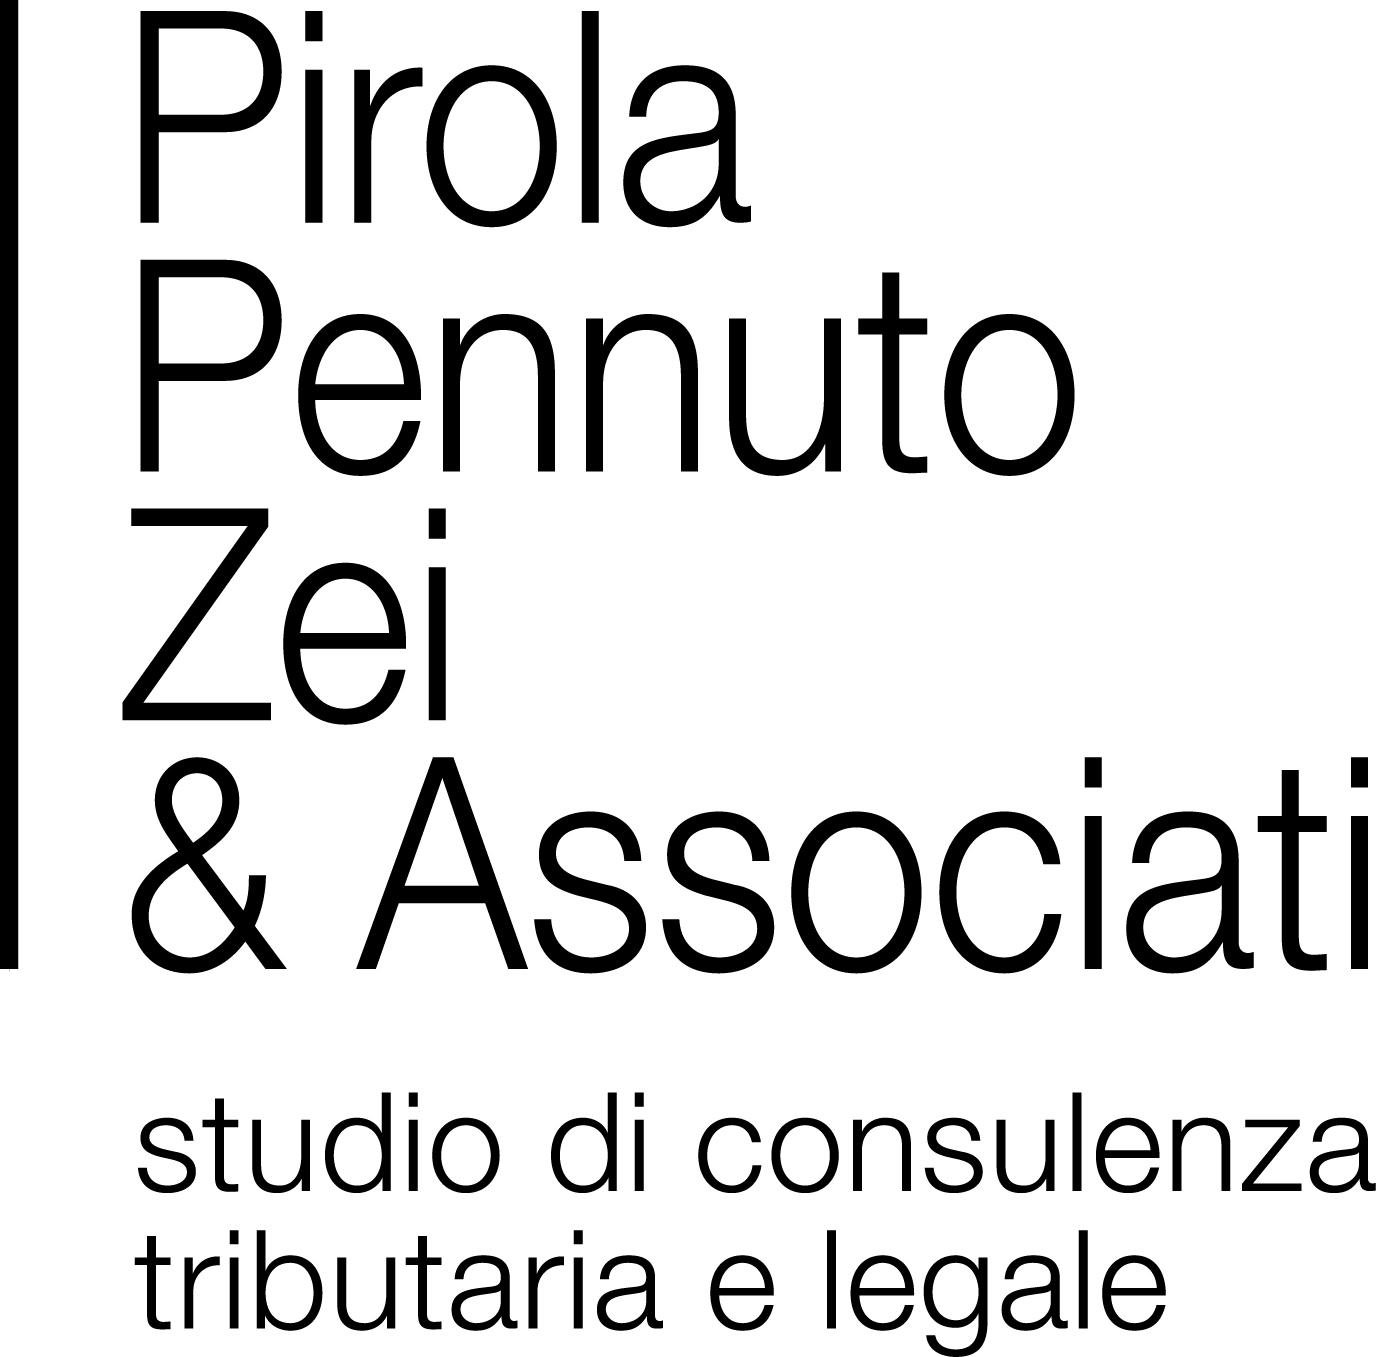 the Pirola Pennuto Zei & Associati logo.